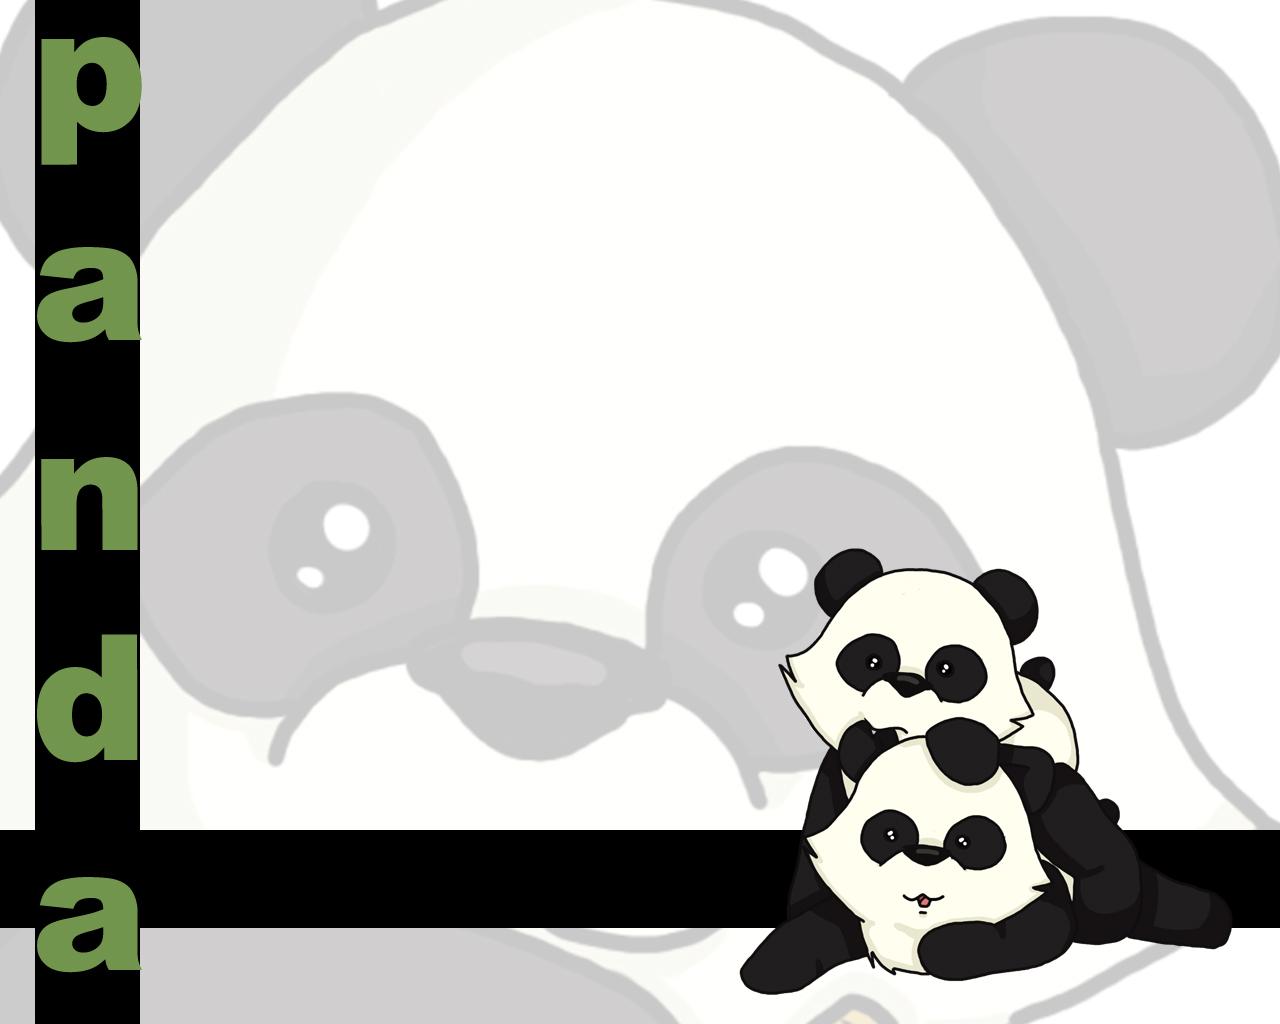 8589130467667 cute cartoon panda wallpaper hdjpg 1280x1024